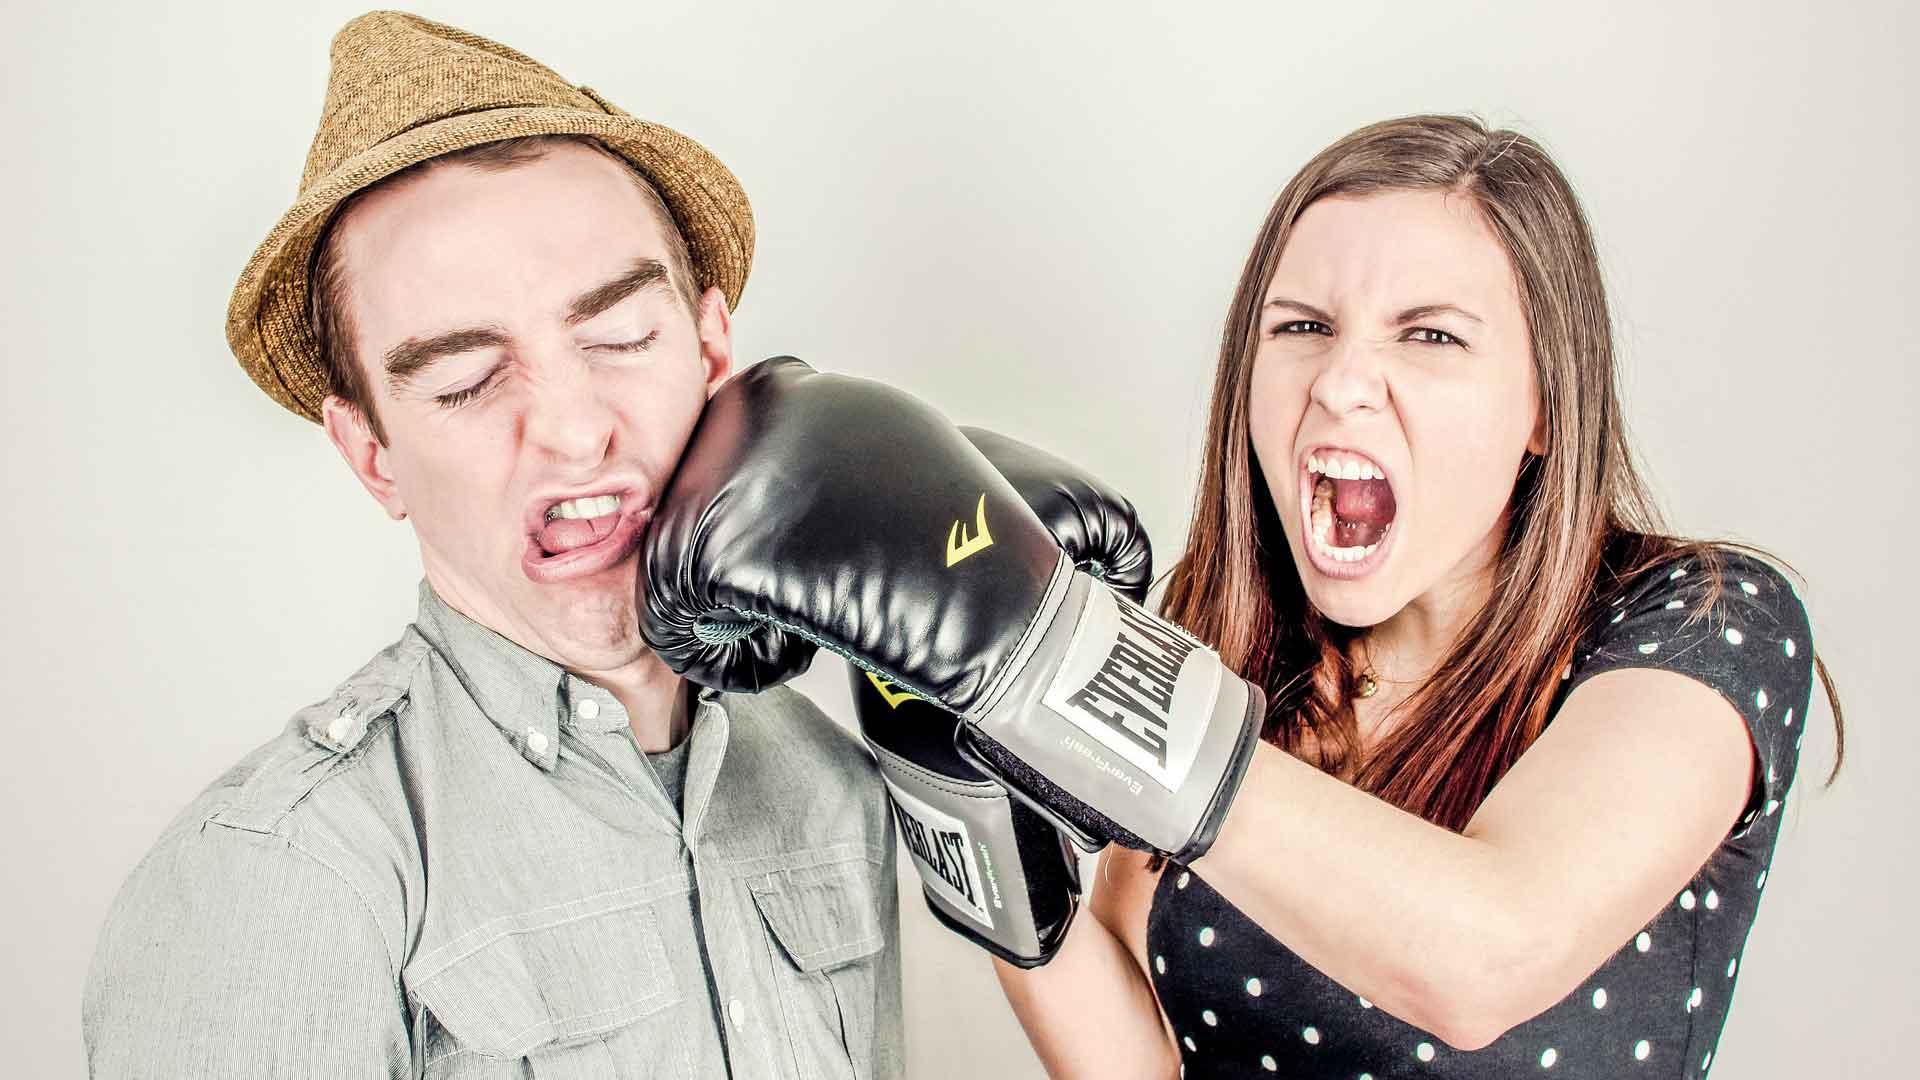 hun har boksehansker og slår ham